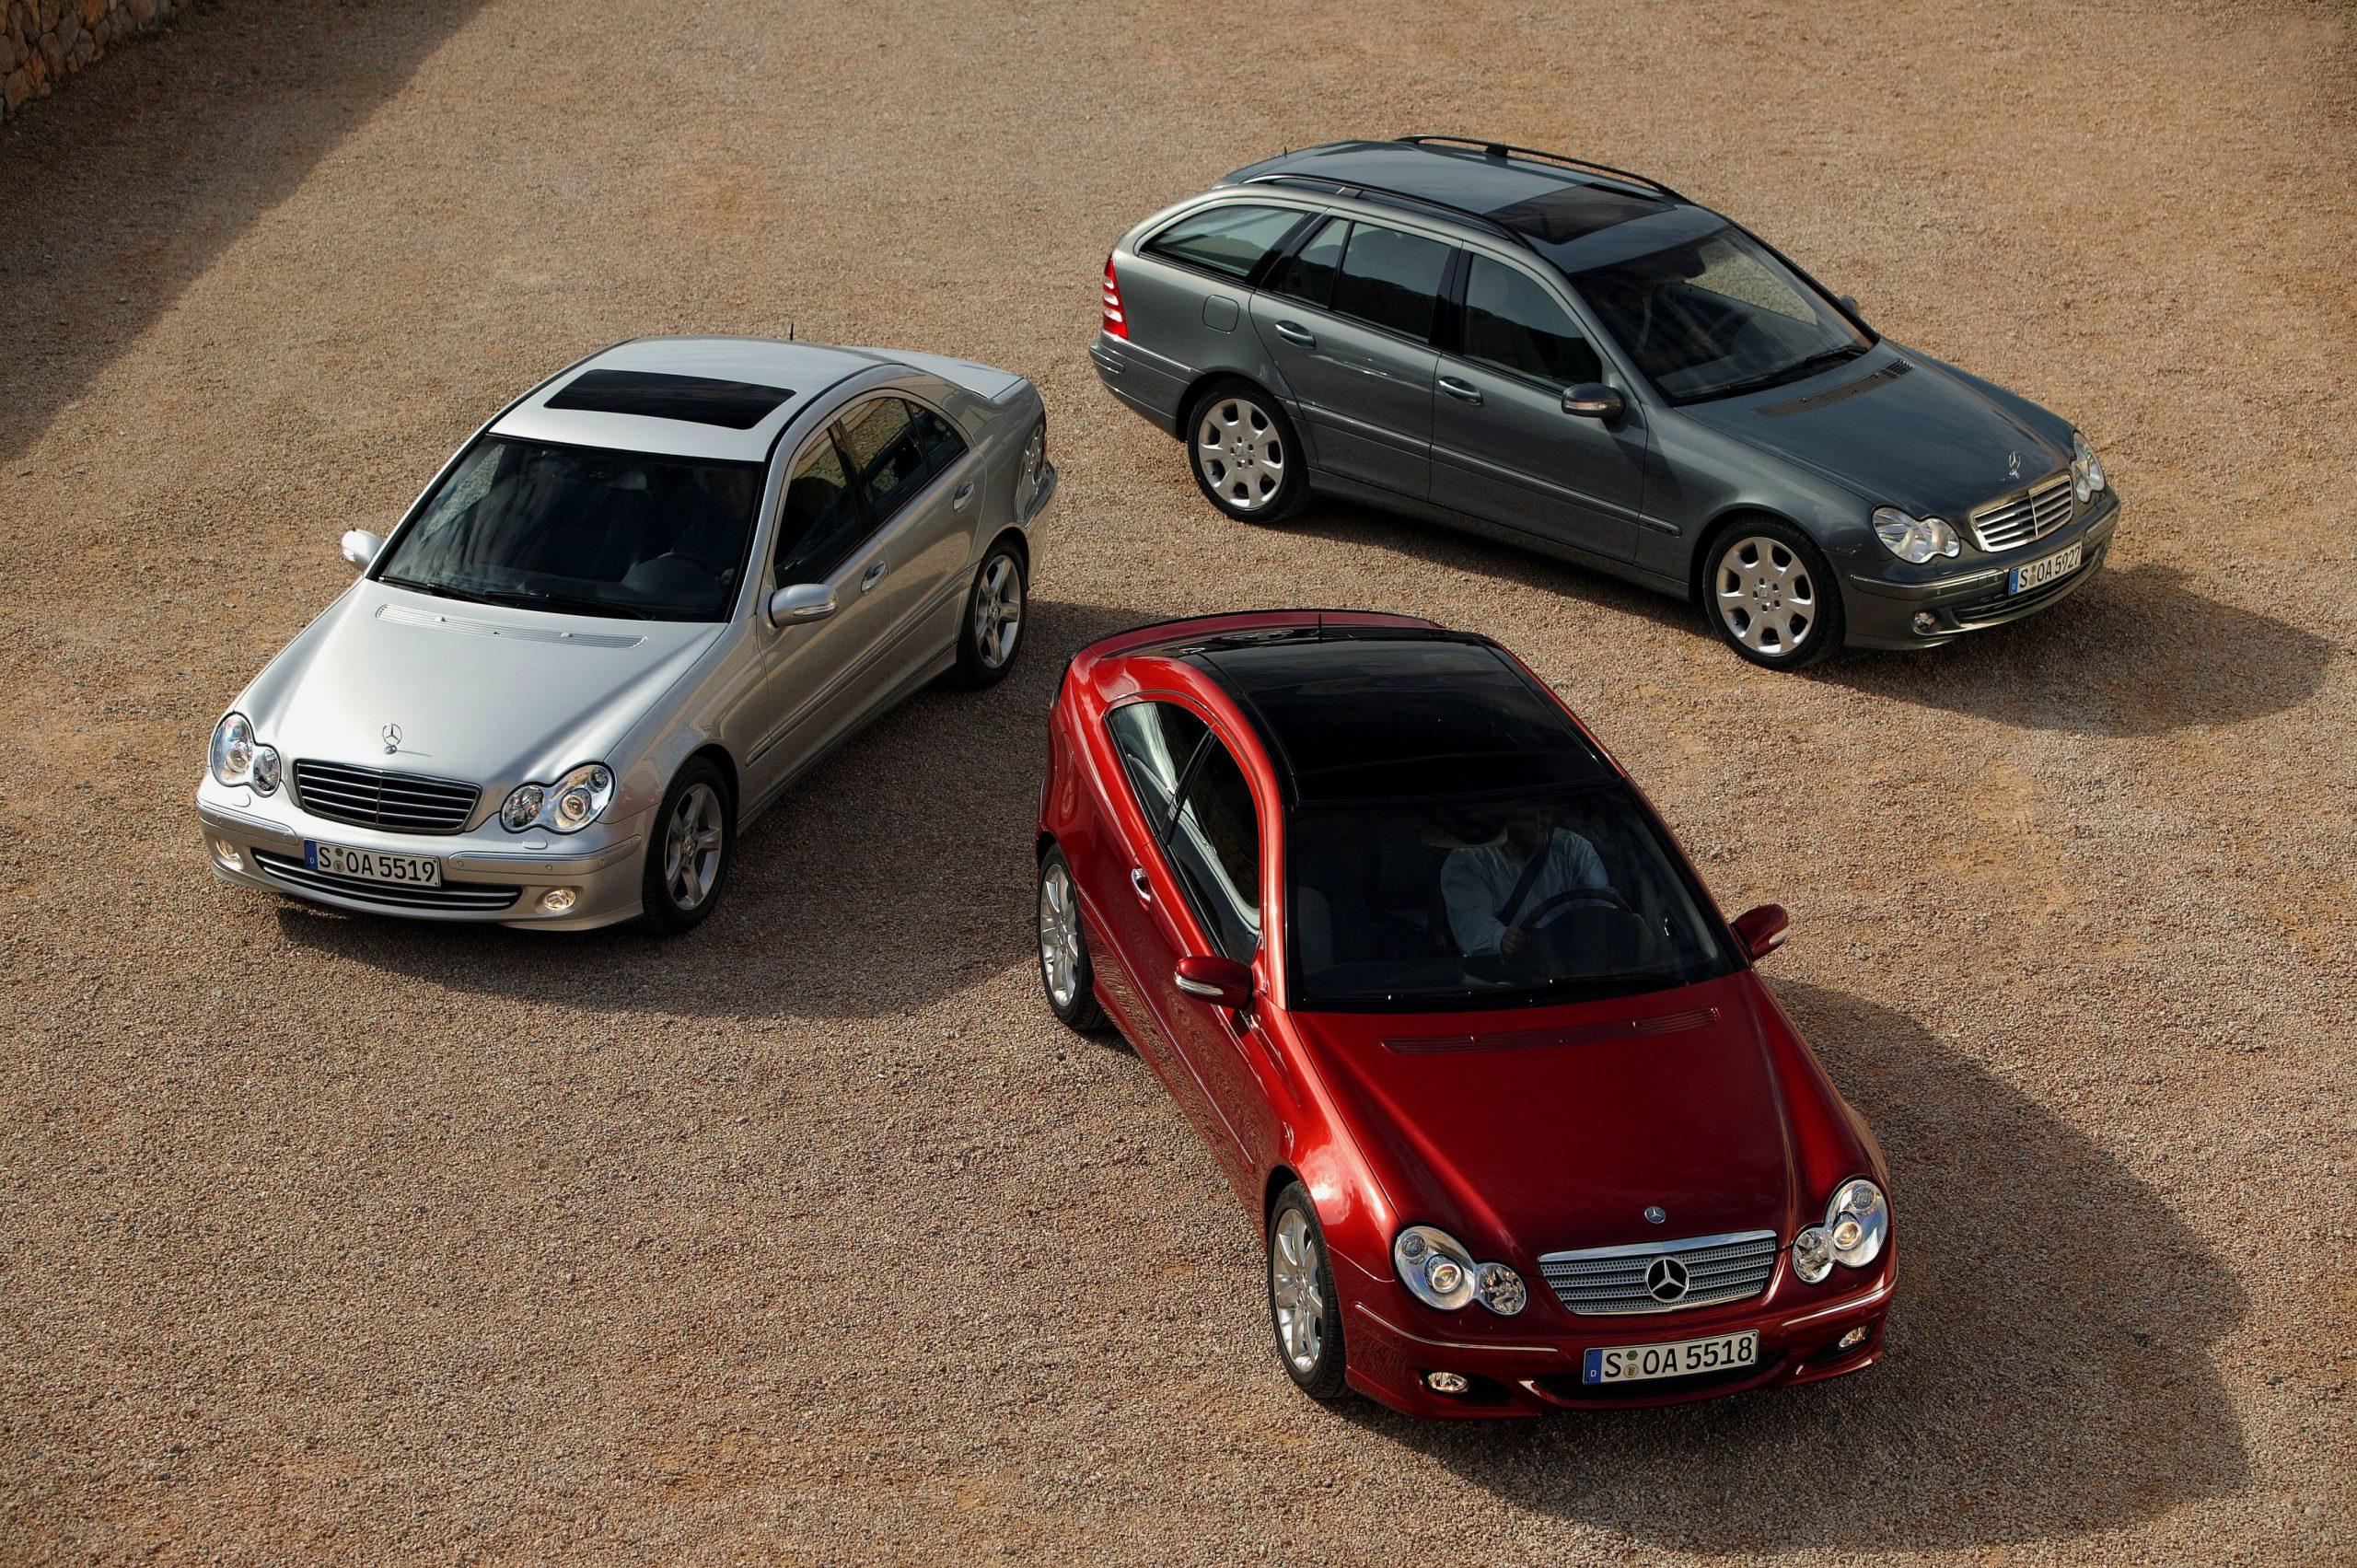 Mercedes-Benz C-Klasse der Baureihe 203. Exterieurfoto von Limousine (Produktionszeitraum 2000 bis 2007), Sportcoupé (Produktionszeitraum 2000 bis 2011 – ab 2008 als CLC) und T-Modell (Produktionszeitraum 2001 bis 2007), von links nach rechts, nach der Modellpflege 2004